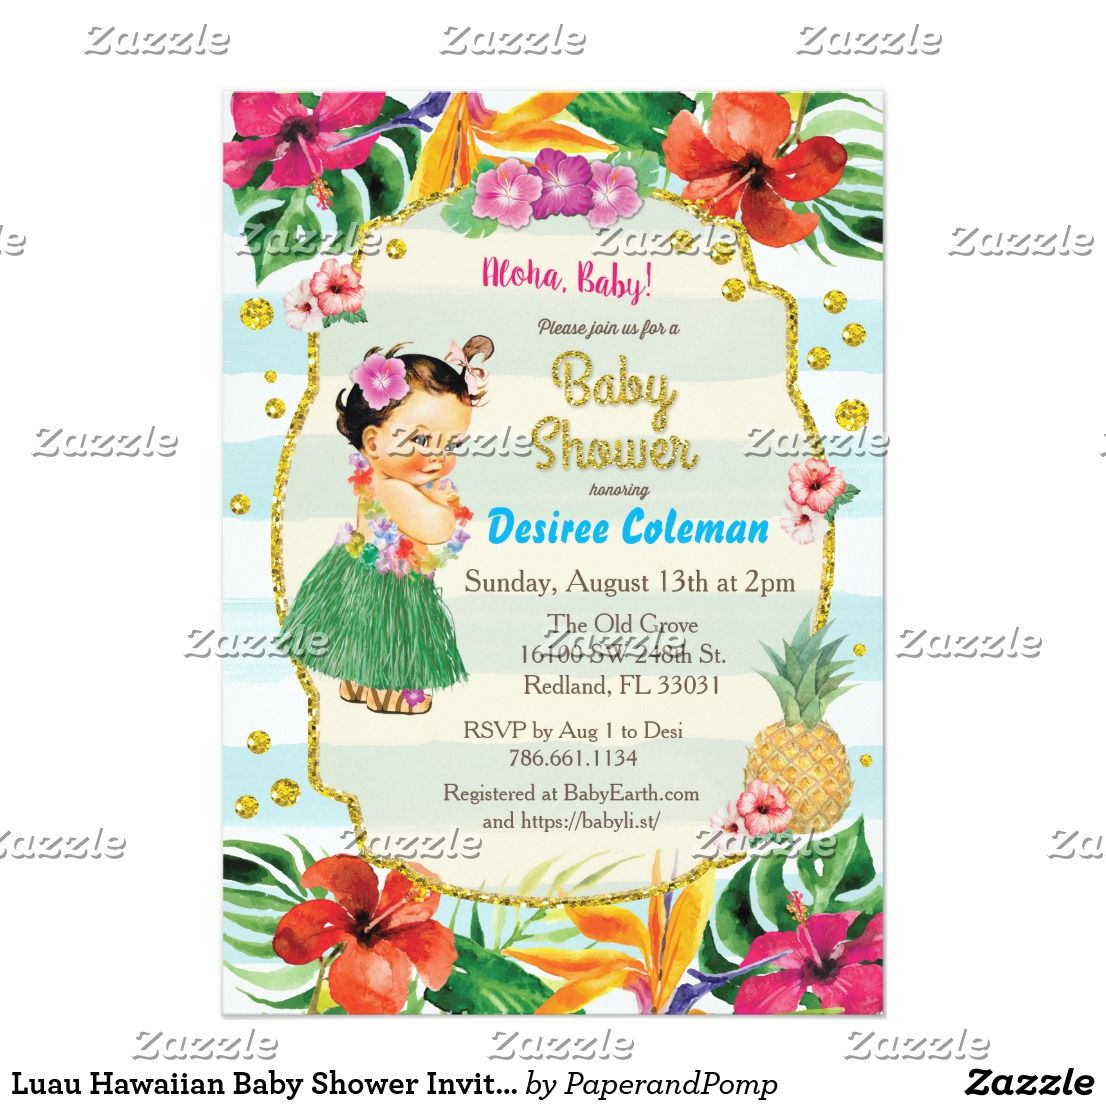 Luau Hawaiian Baby Shower Invitation   Hawaiian baby showers ...